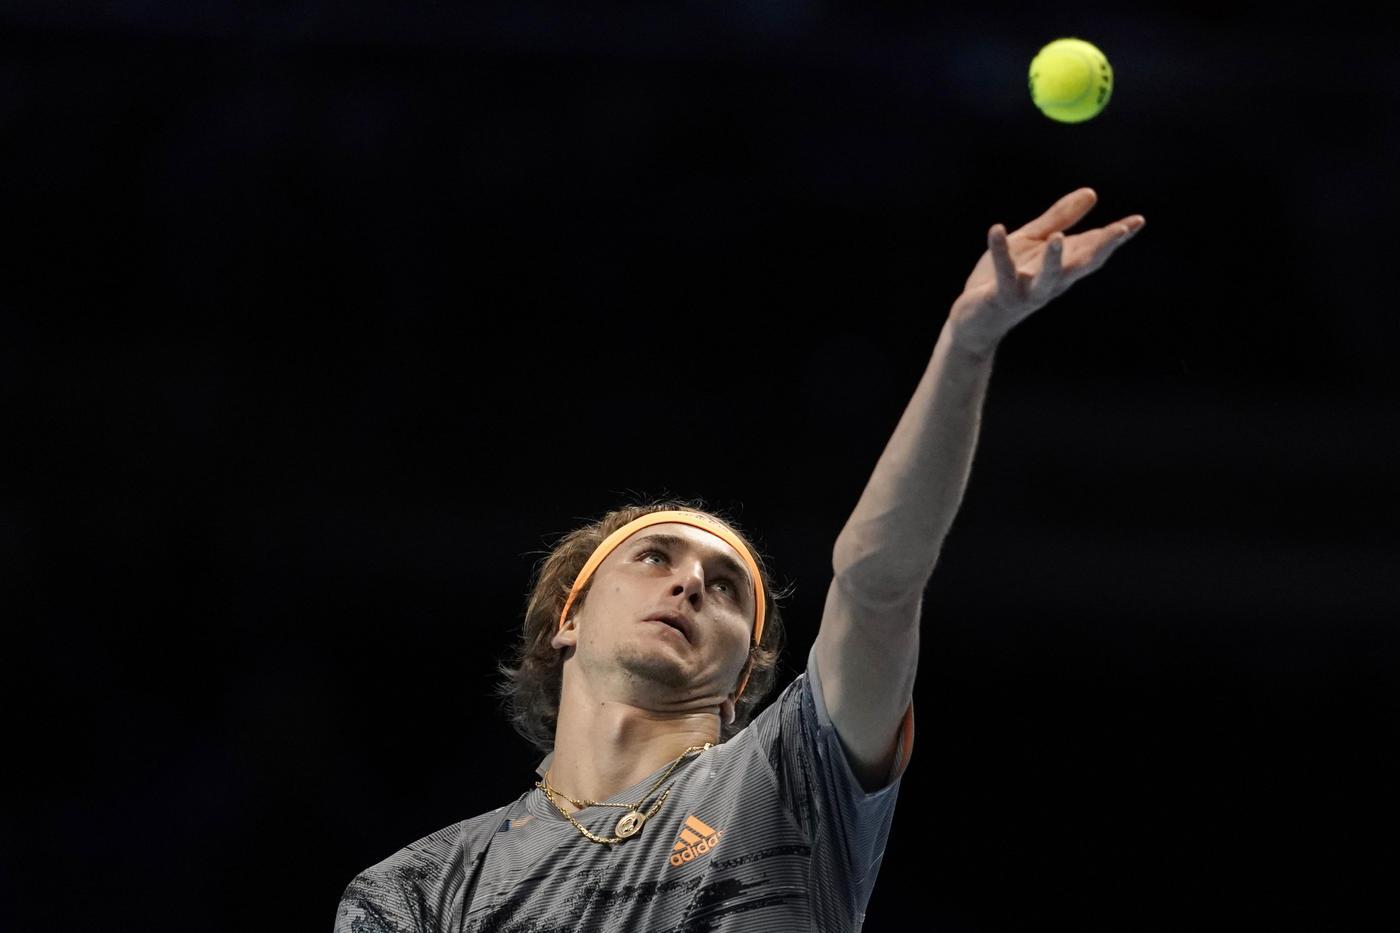 Как узнать свой уровень тенниса - фото